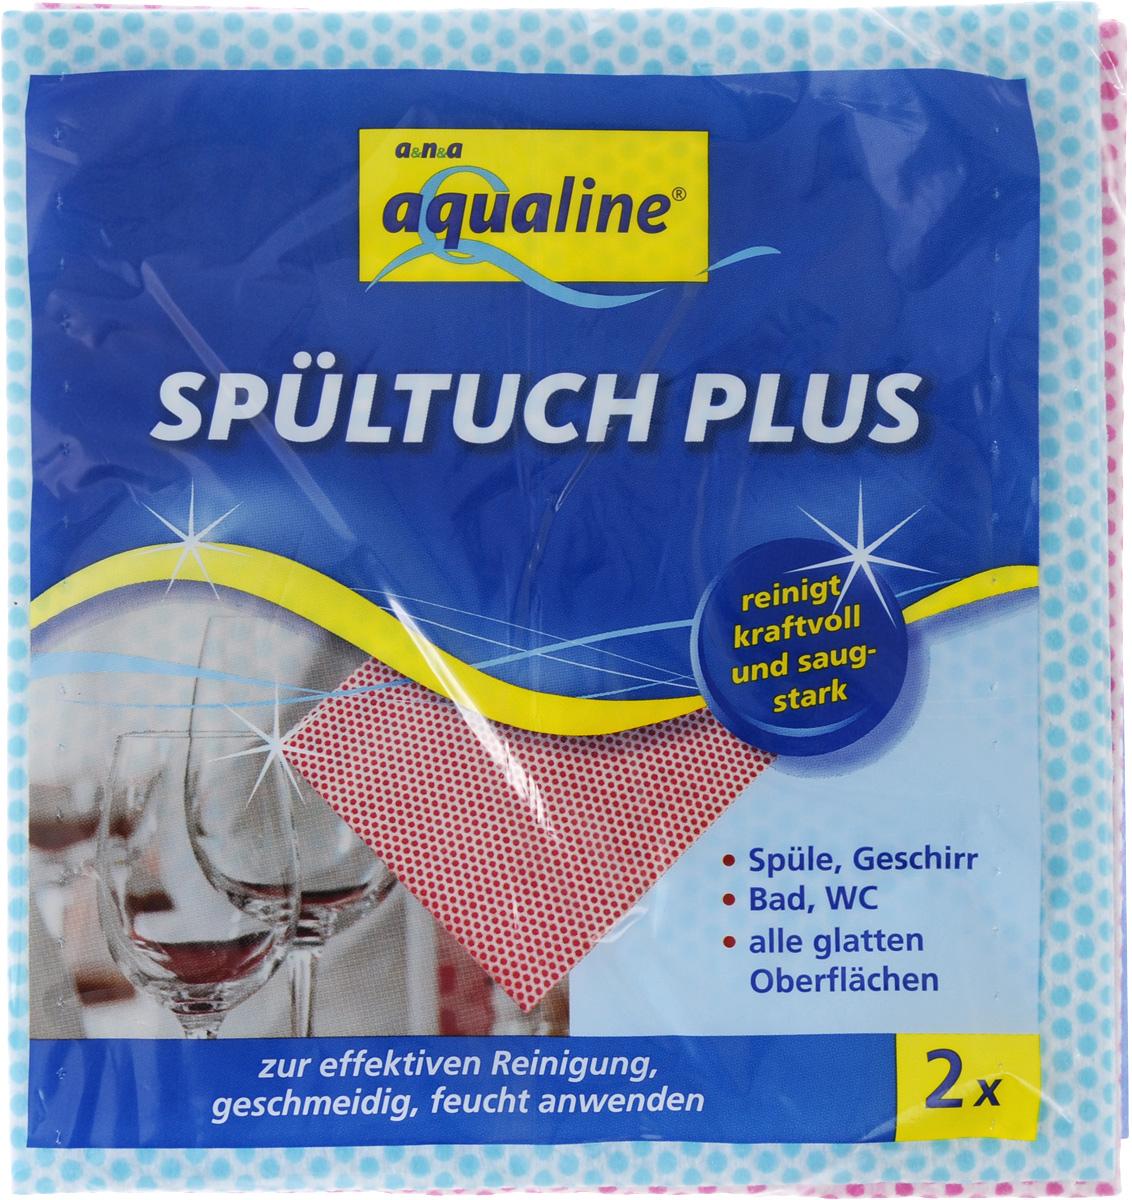 Салфетка Aqualine Plus для посуды и домашнего хозяйства, цвет: голубой, малиновый, 35 х 38 см, 2 шт531-105Мягкая салфетка Aqualine Plus обладает высокими чистящими свойствами за счет специальных точек, которые находятся на поверхности ткани. Она прекрасно подходит как для мытья посуды, так и для уборки поверхностей на кухне и в ванной комнате. Благодаря рифленой структуре, салфетка удаляет даже самые сильные загрязнения, хорошо впитывая жидкость, не оставляя ворсинок.Состав: 82% вискоза, 18% полипропилен.